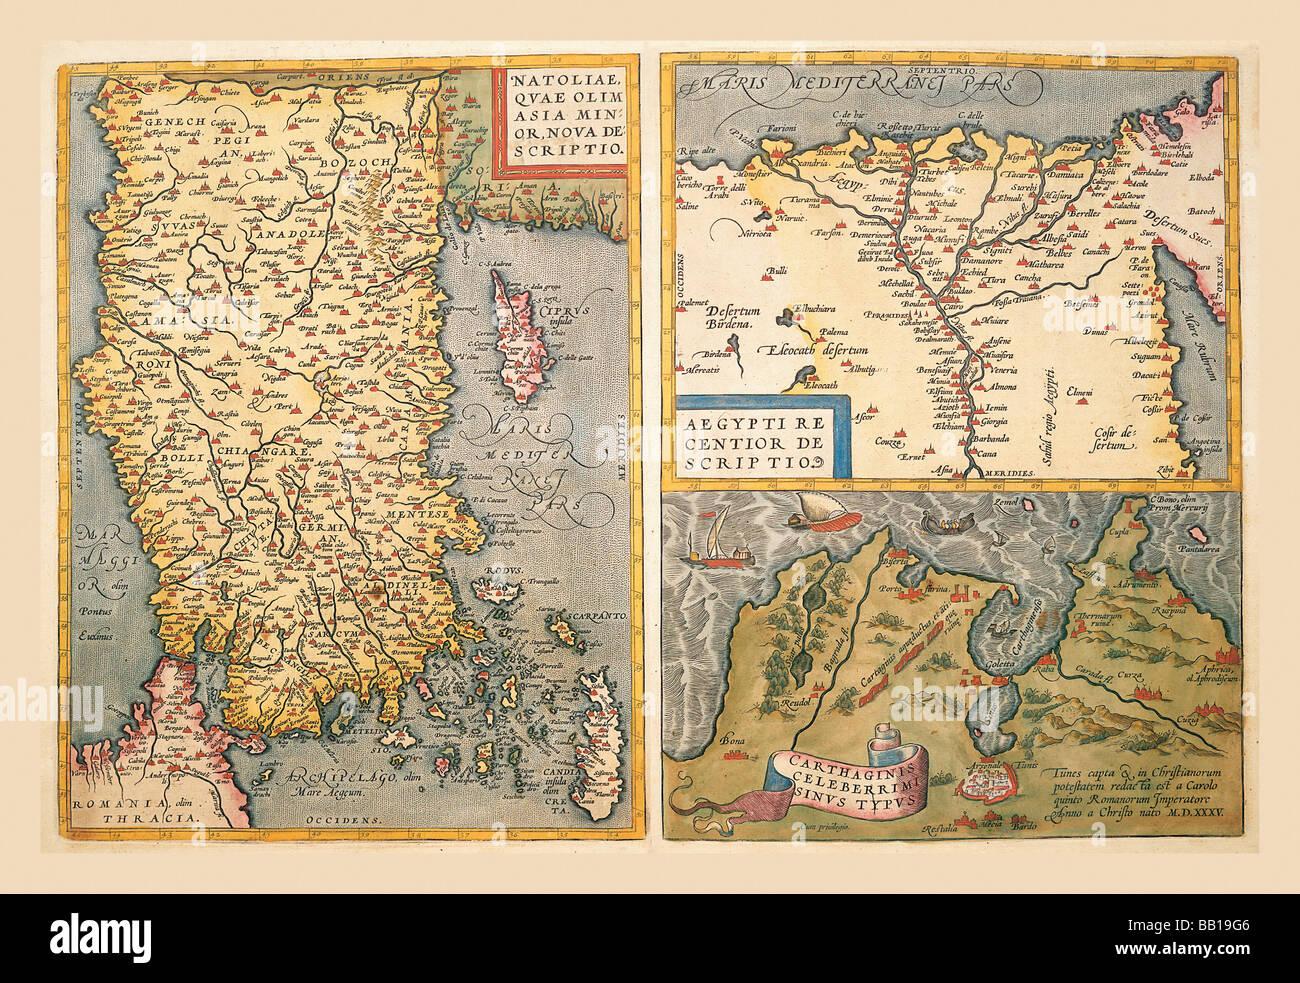 Maps of turkeyegyptand libya stock photo 24001046 alamy maps of turkeyegyptand libya gumiabroncs Gallery